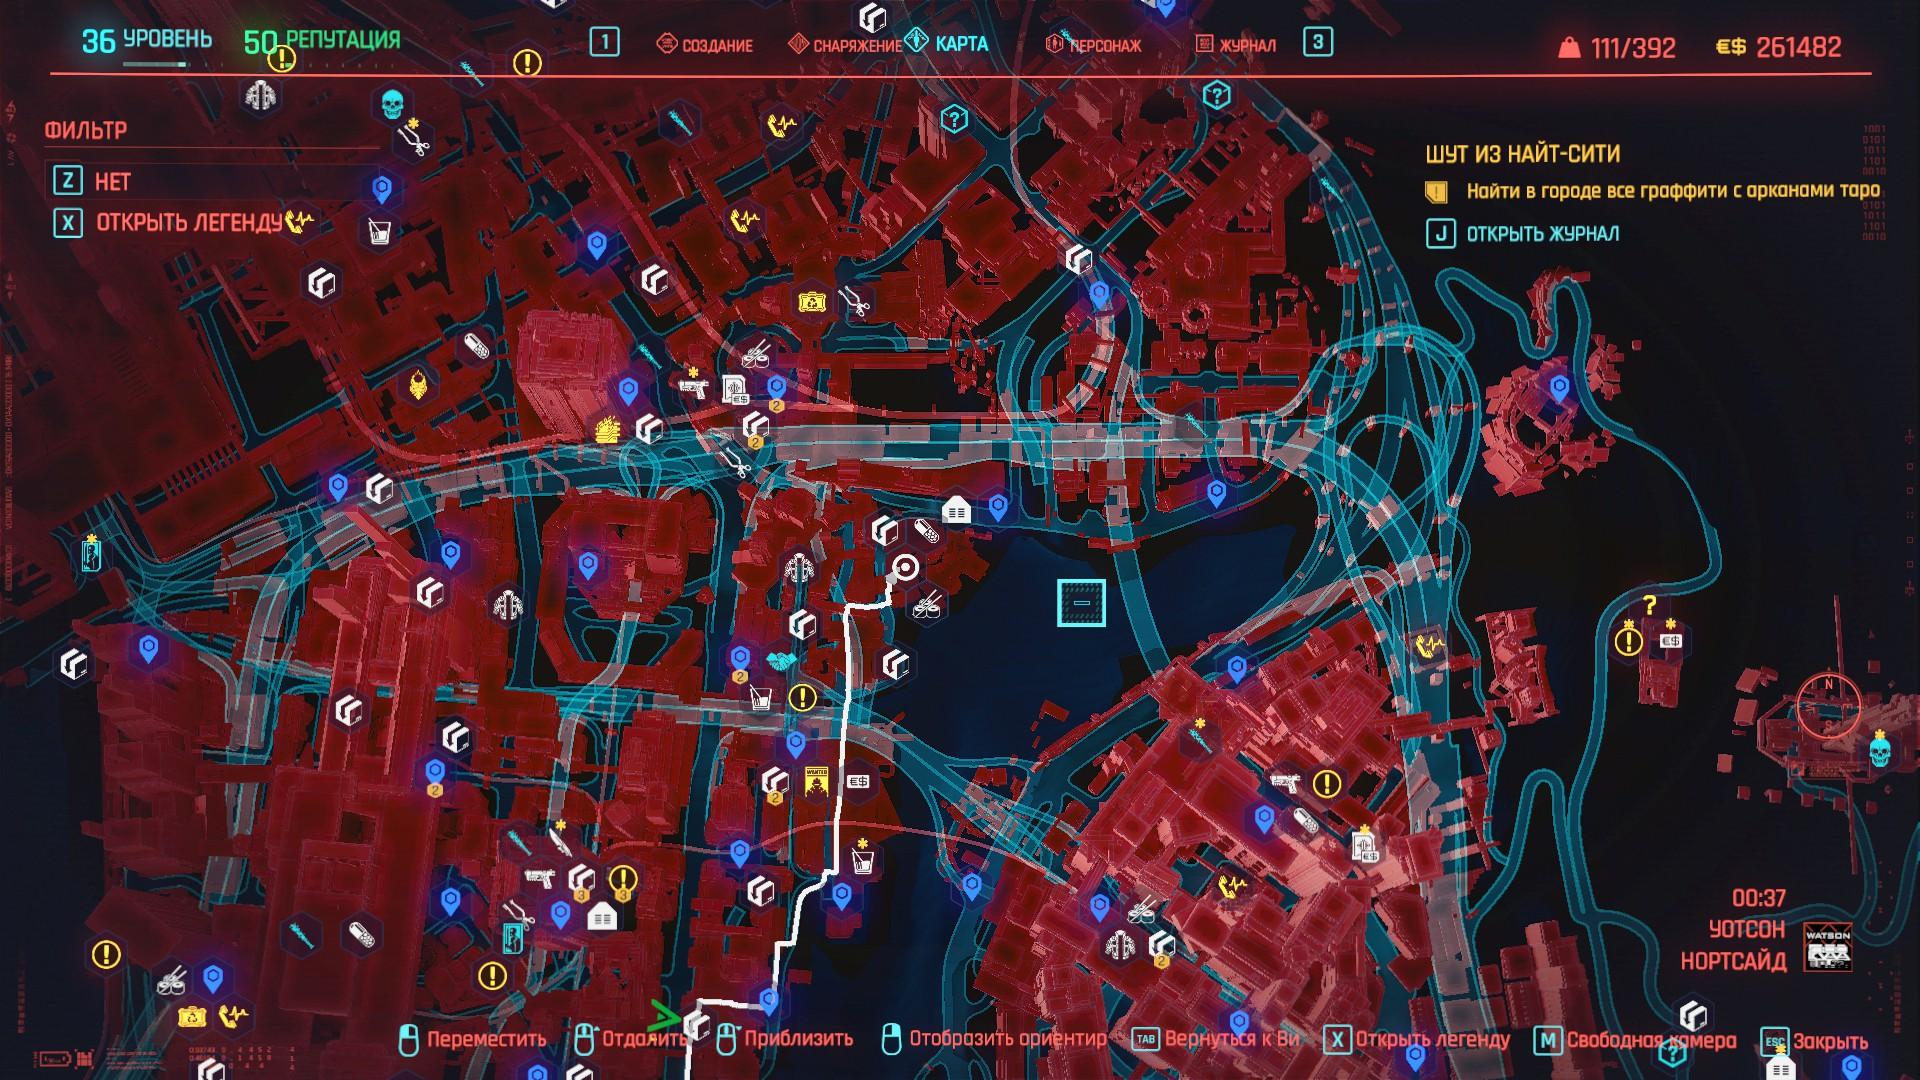 Находим легендарные импланты, клинки богомола в Cyberpunk 2077